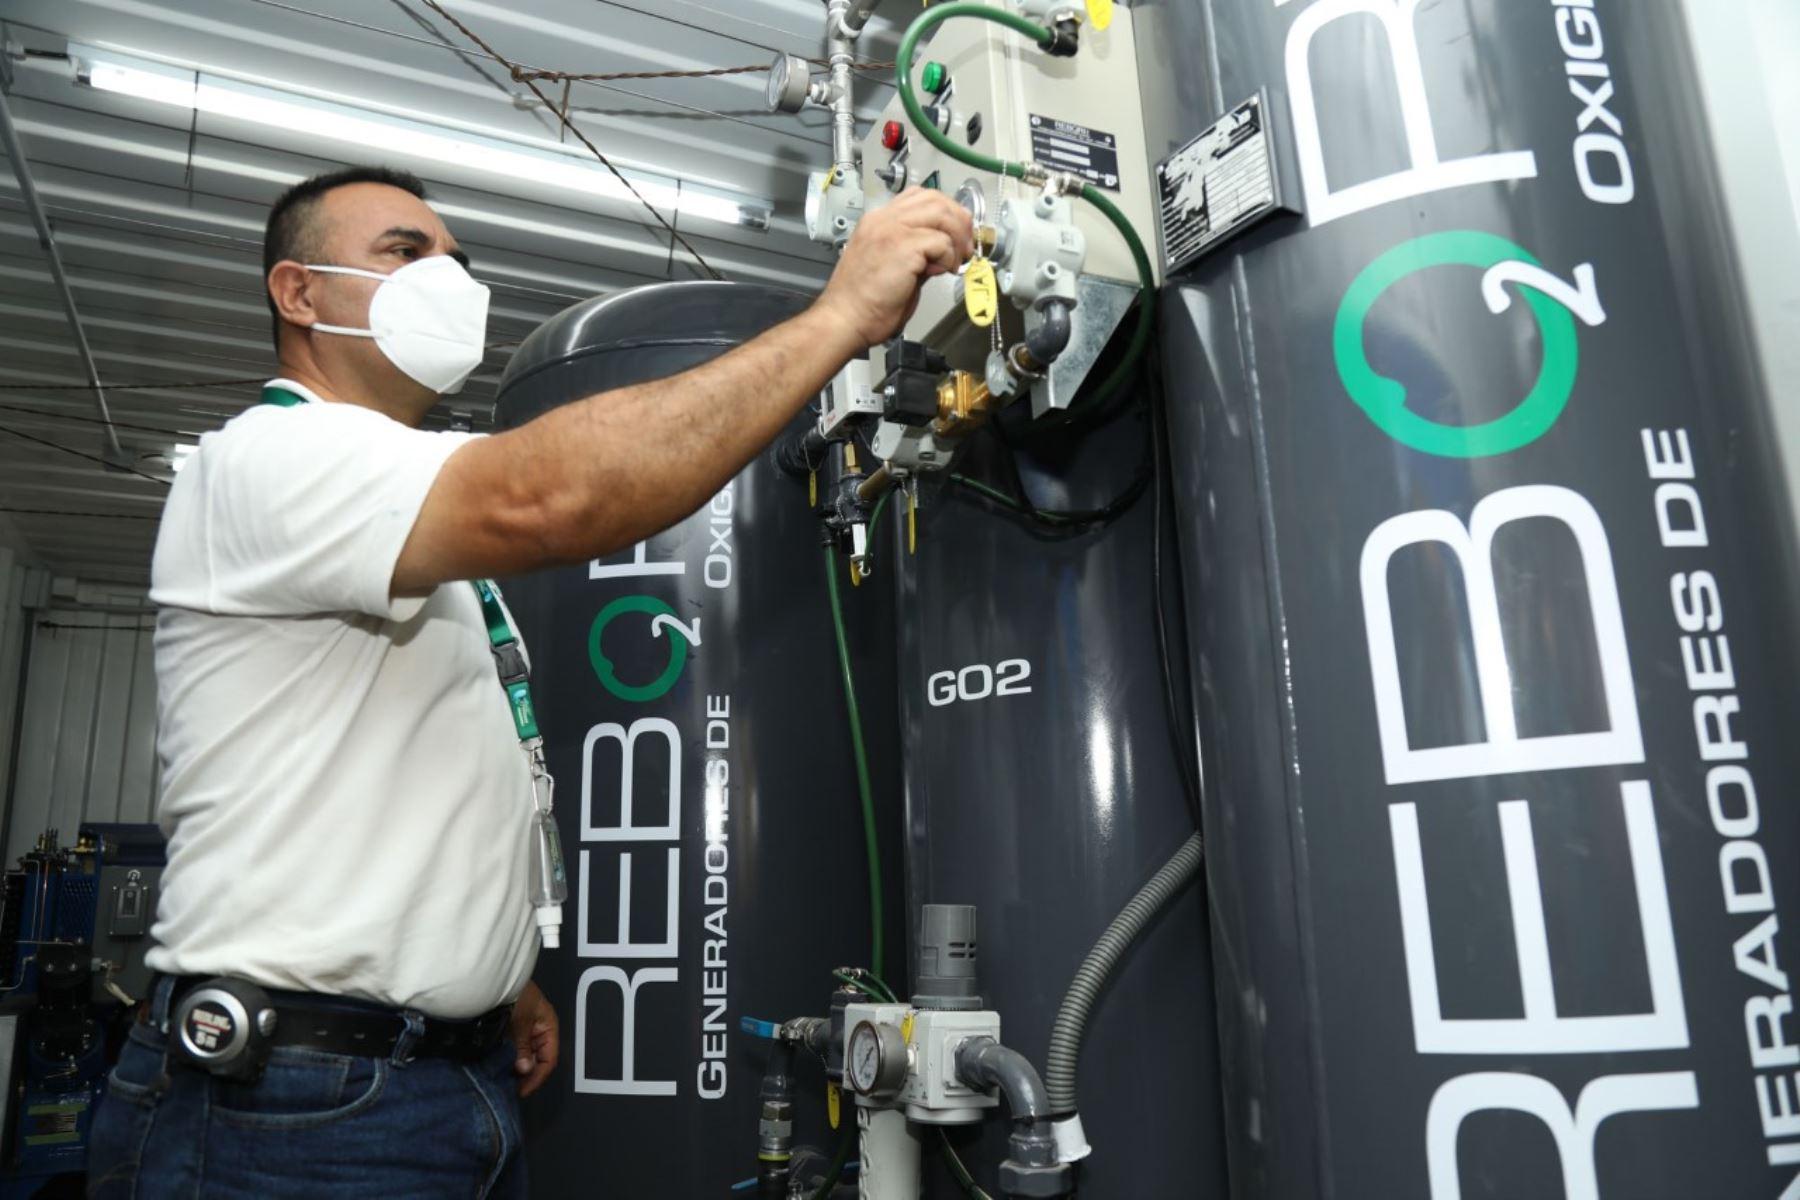 La minera Southern Perú donó una planta de oxígeno móvil que ayudará a la atención de pacientes covid-19 de Moquegua.